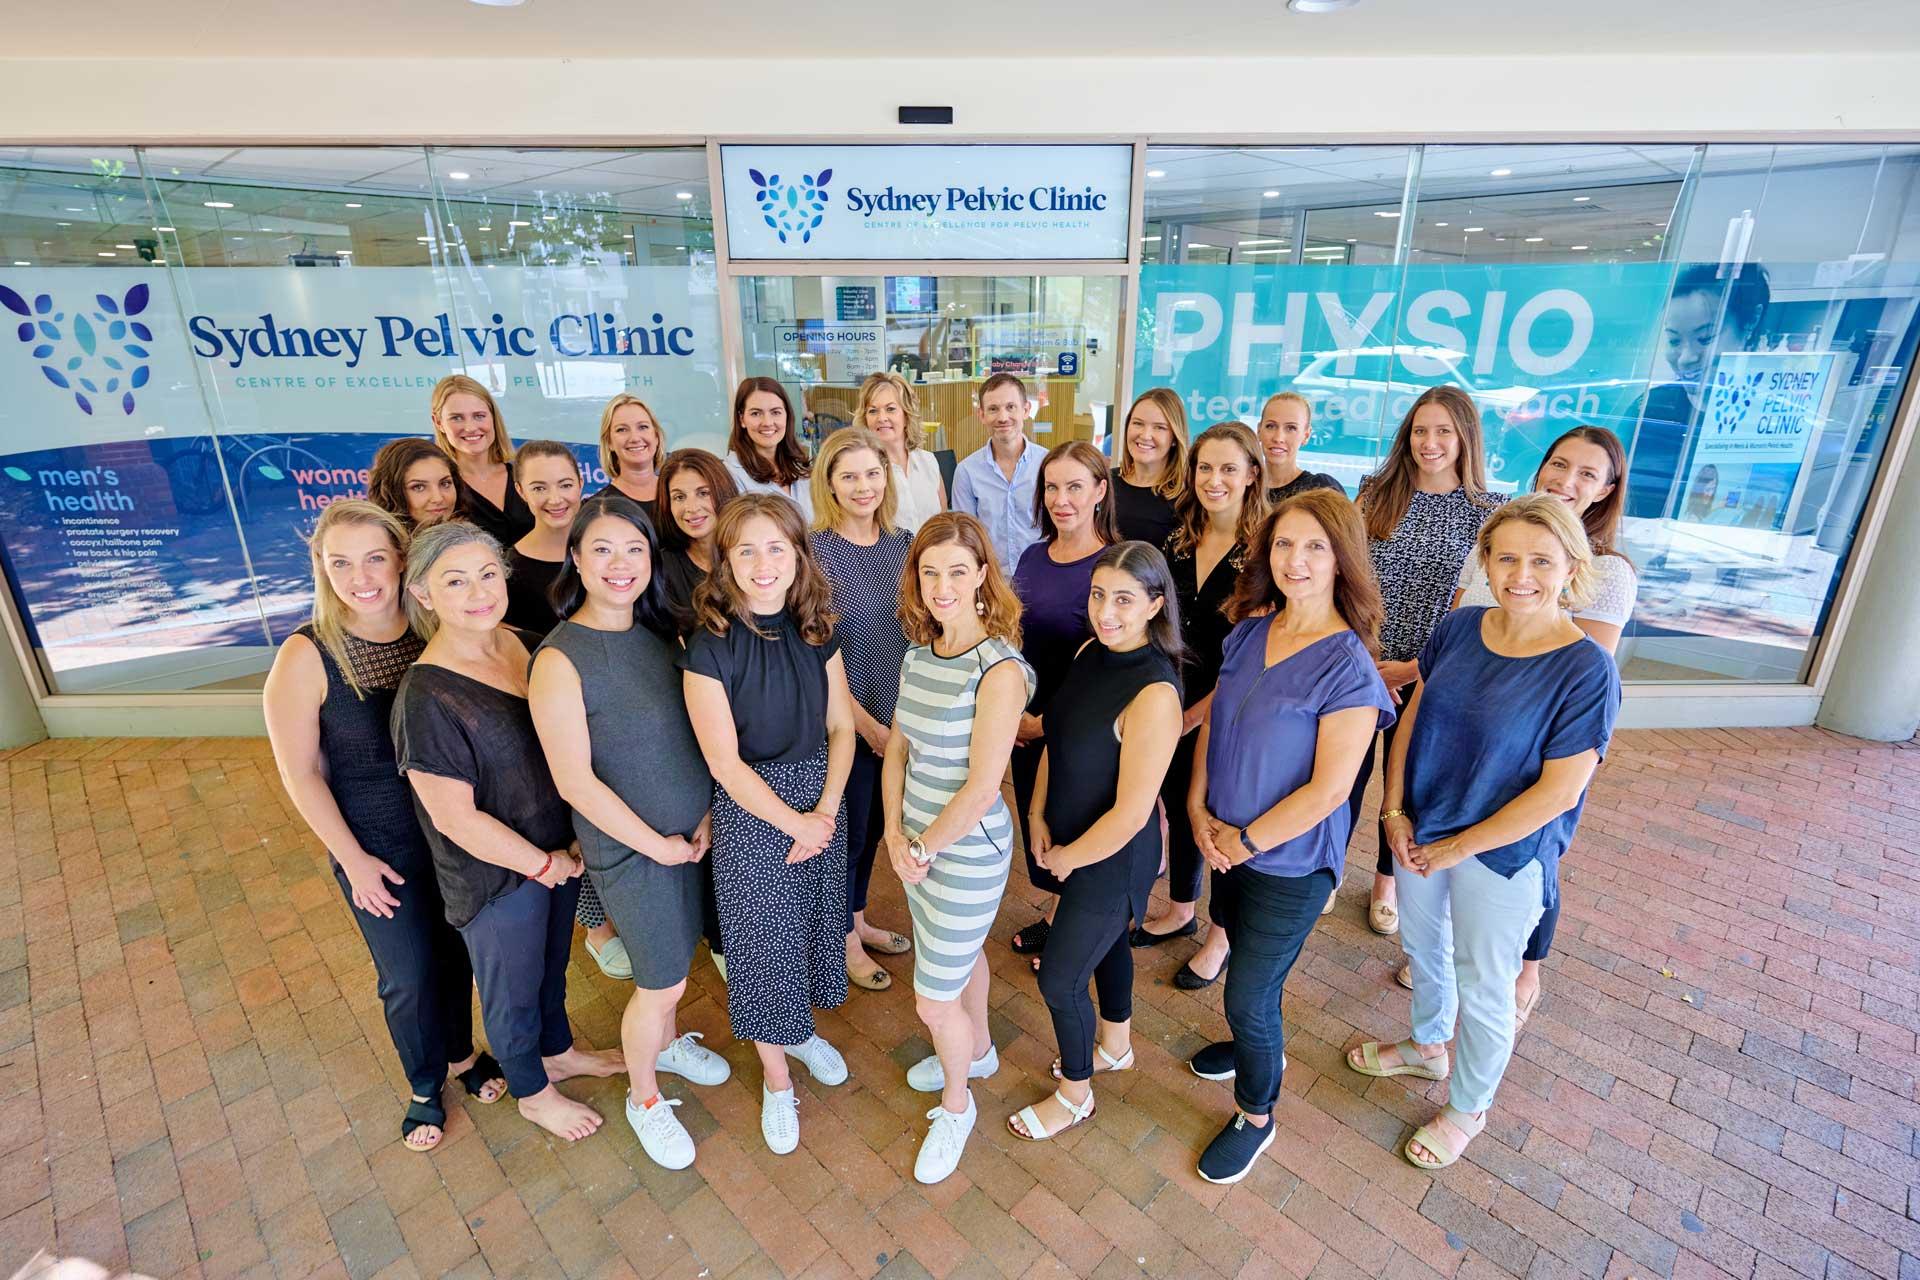 Pelvic Clinic Sydney